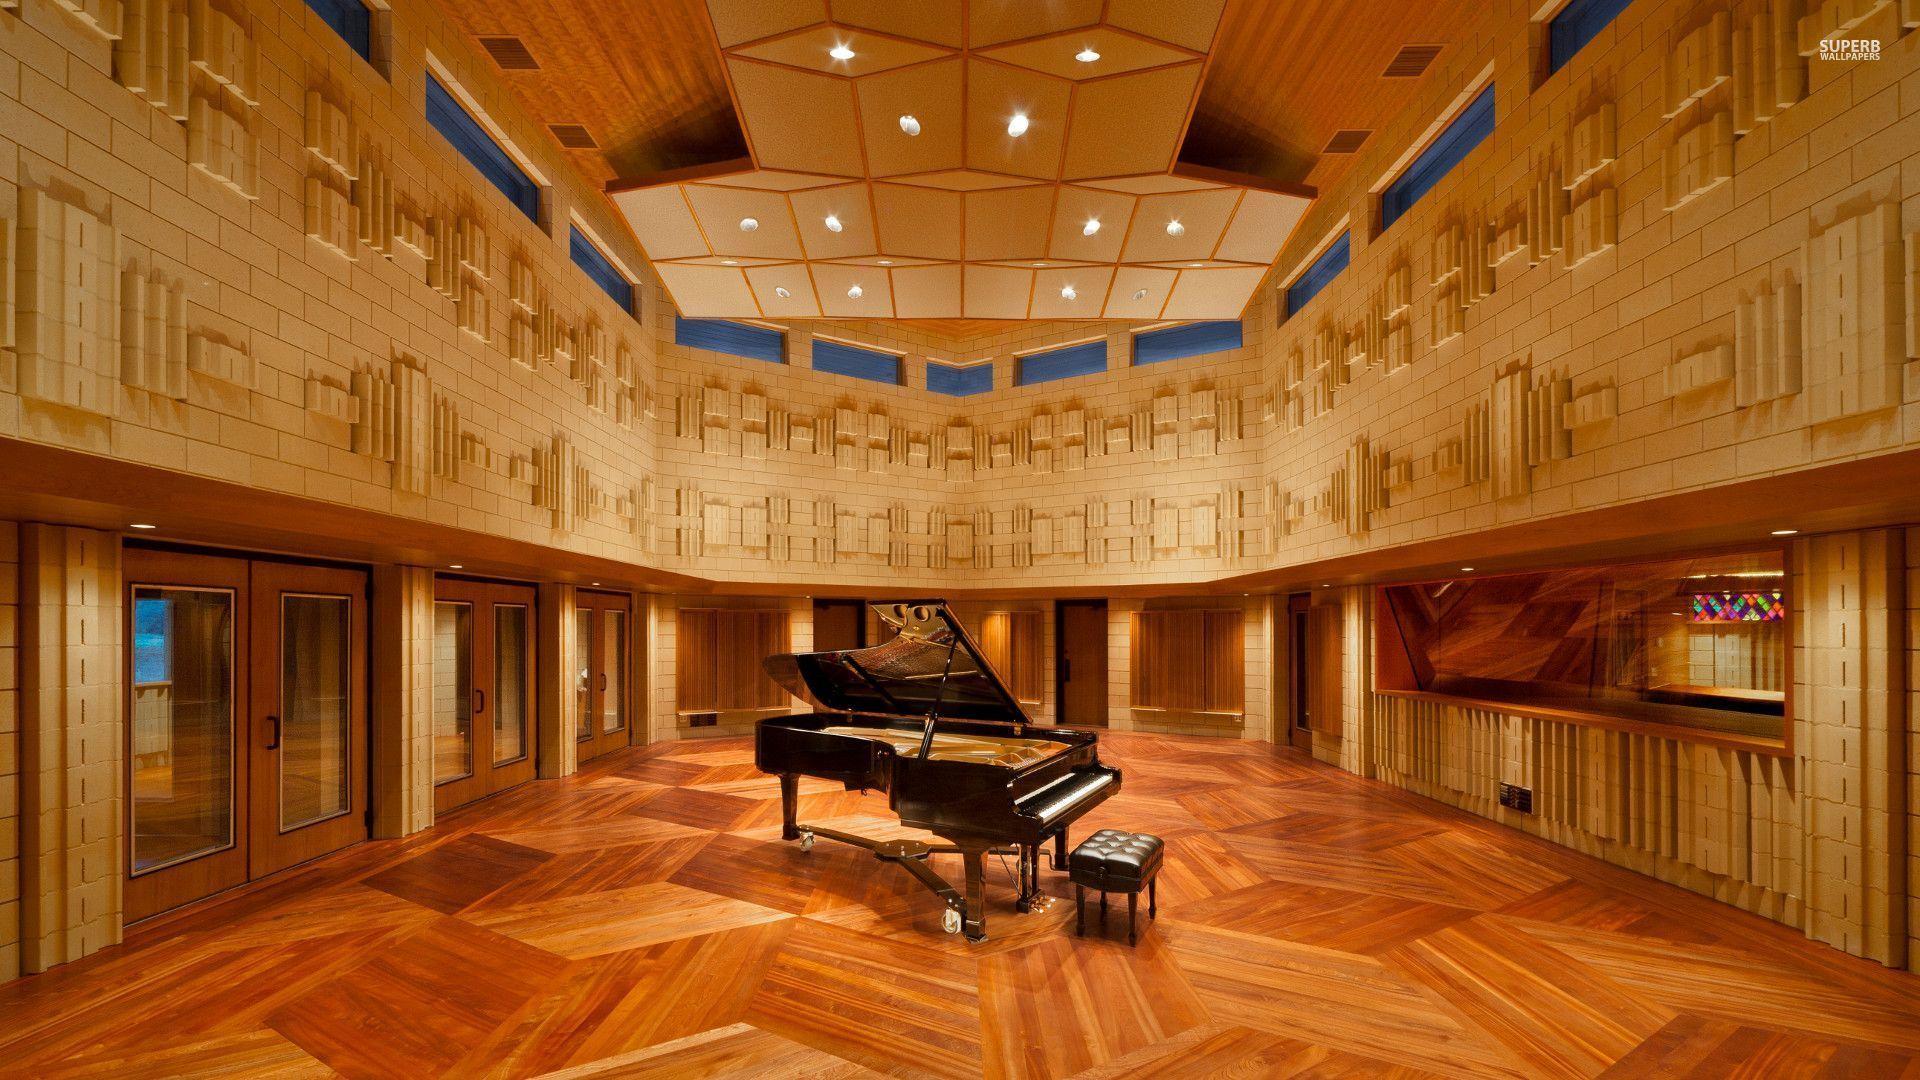 Piano in the Manifold Recording studio wallpaper   Music 1920x1080